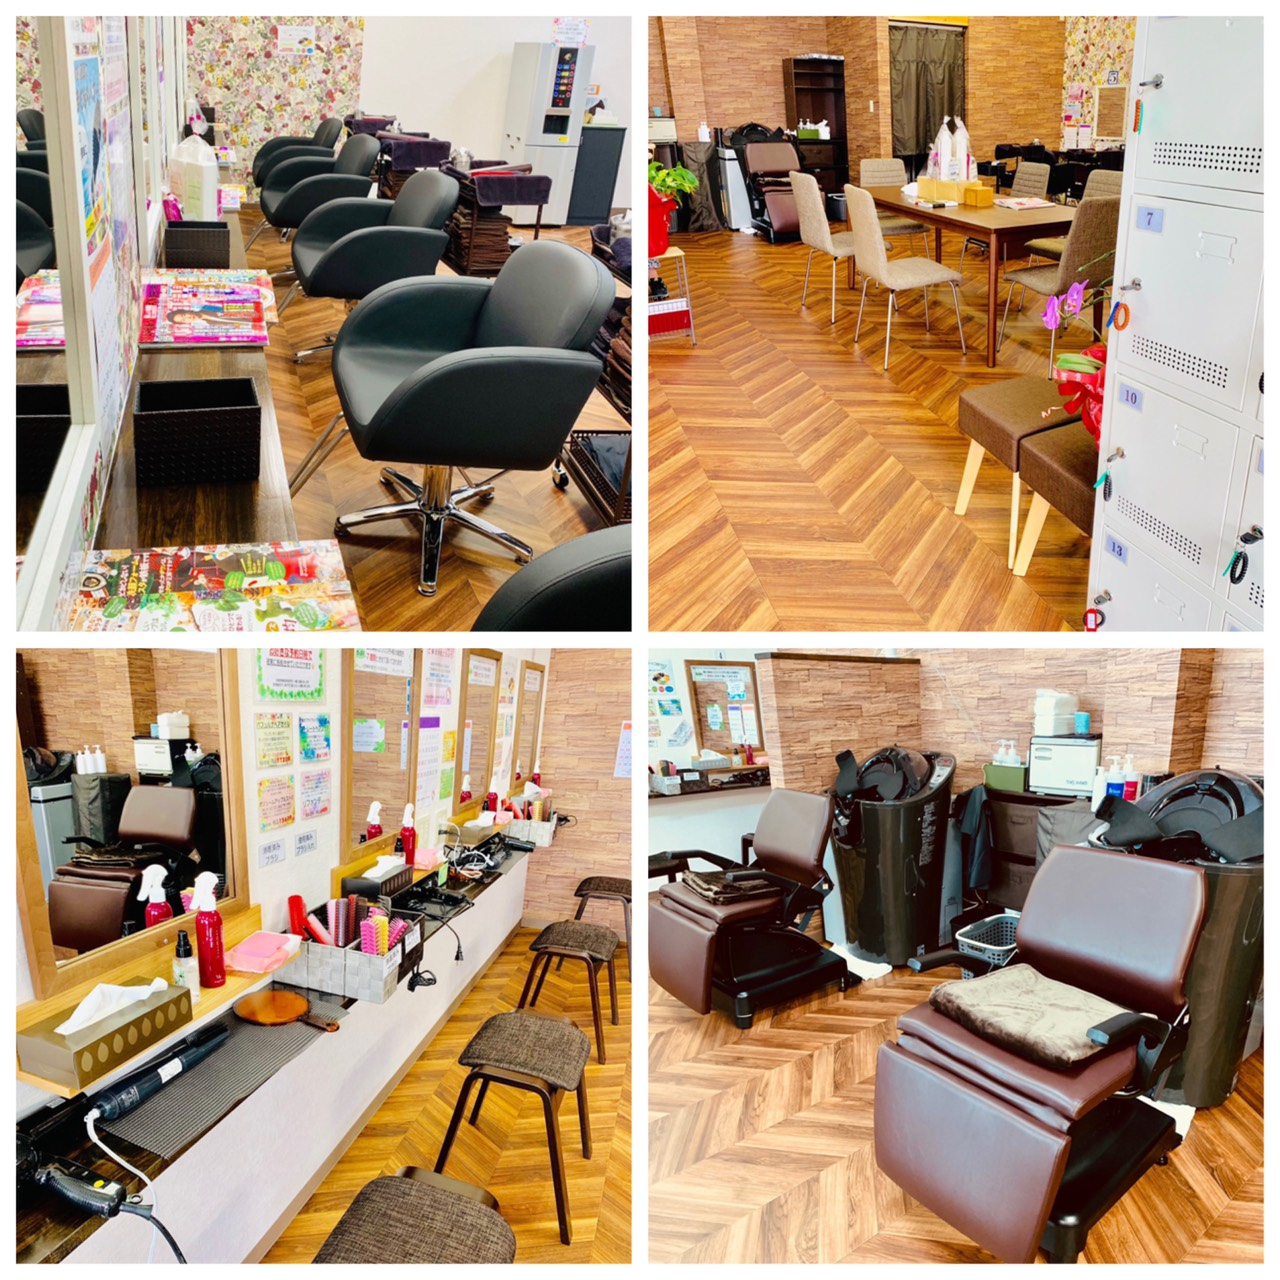 地元の美容学校での特別授業